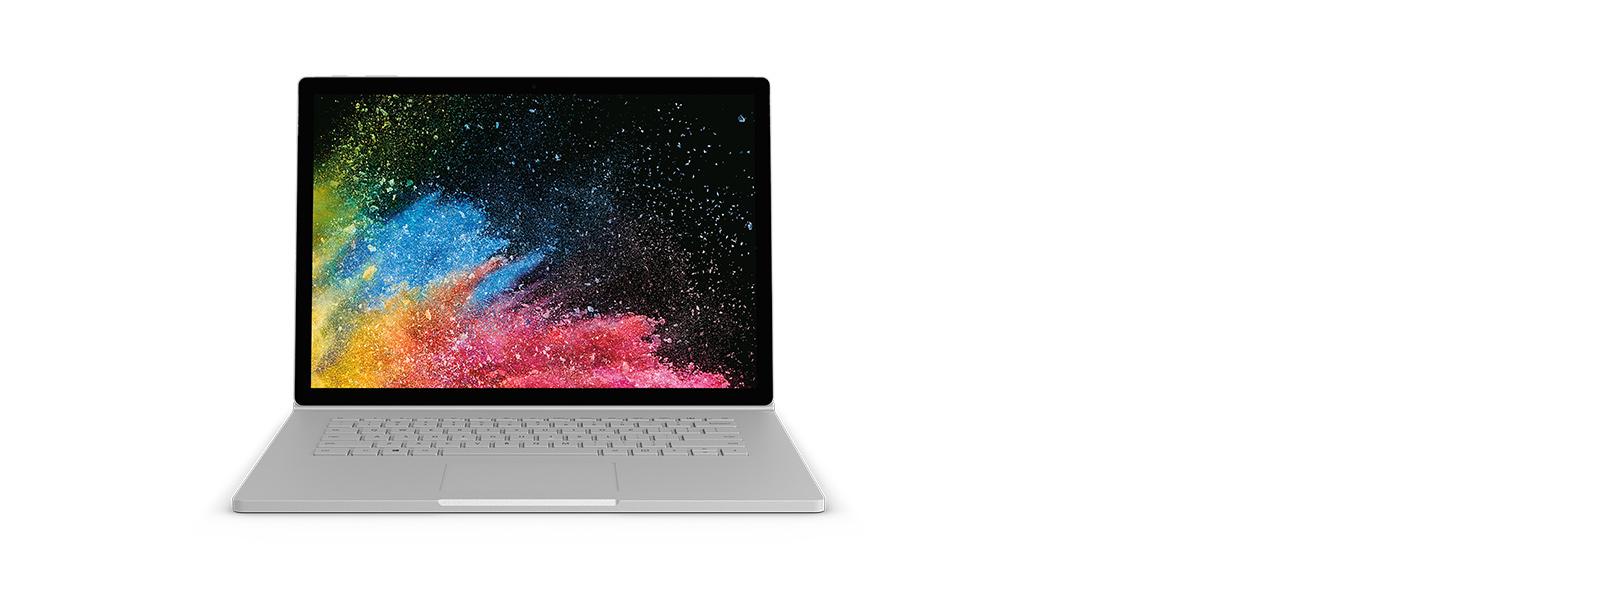 ラップトップ モードの Surface Book 2 とスクリーン ショット。